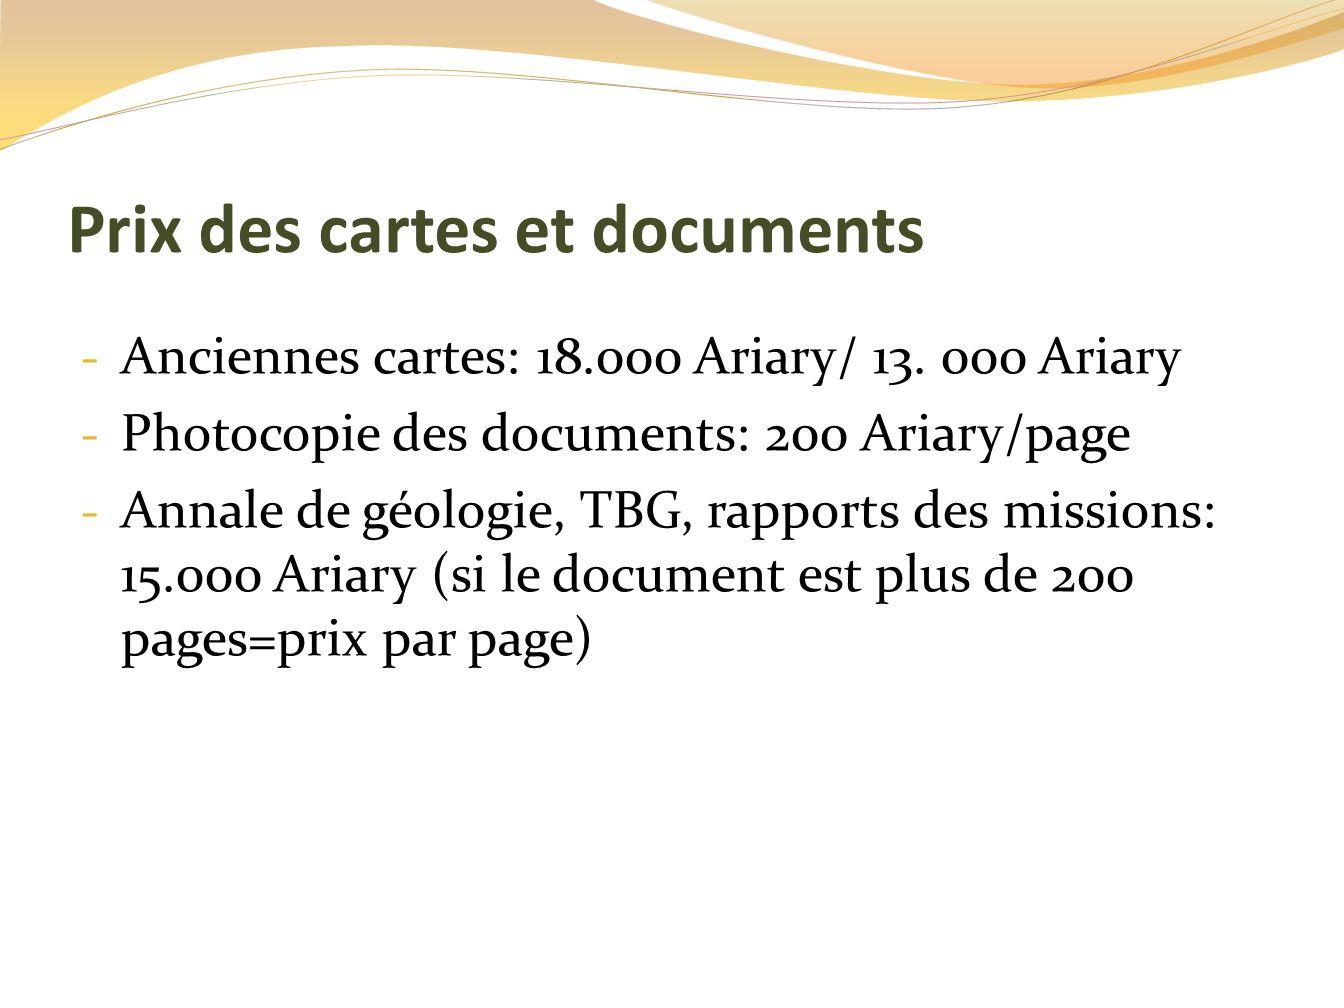 Prix des cartes et documents - Anciennes cartes: 18.000 Ariary/ 13. 000 Ariary - Photocopie des documents: 200 Ariary/page - Annale de géologie, TBG,